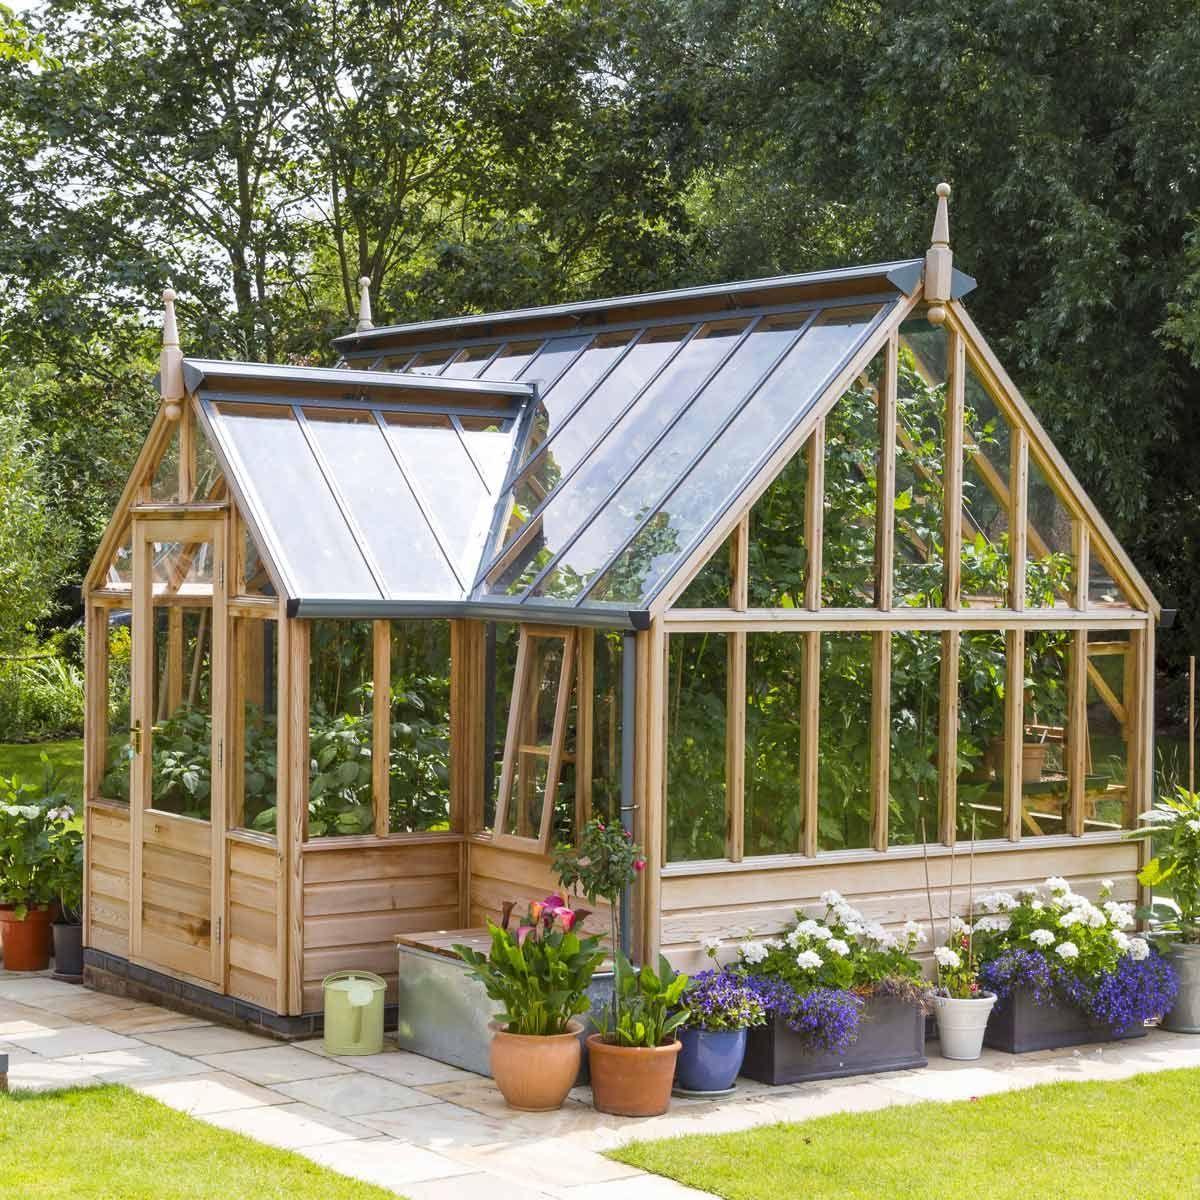 Acheter Serre De Jardin En Bois Portico 11x7 Panneaux Gabriel Ash A Un Prix Pas Cher Diy Greenhouse Plans Backyard Greenhouse Great Buildings And Structures